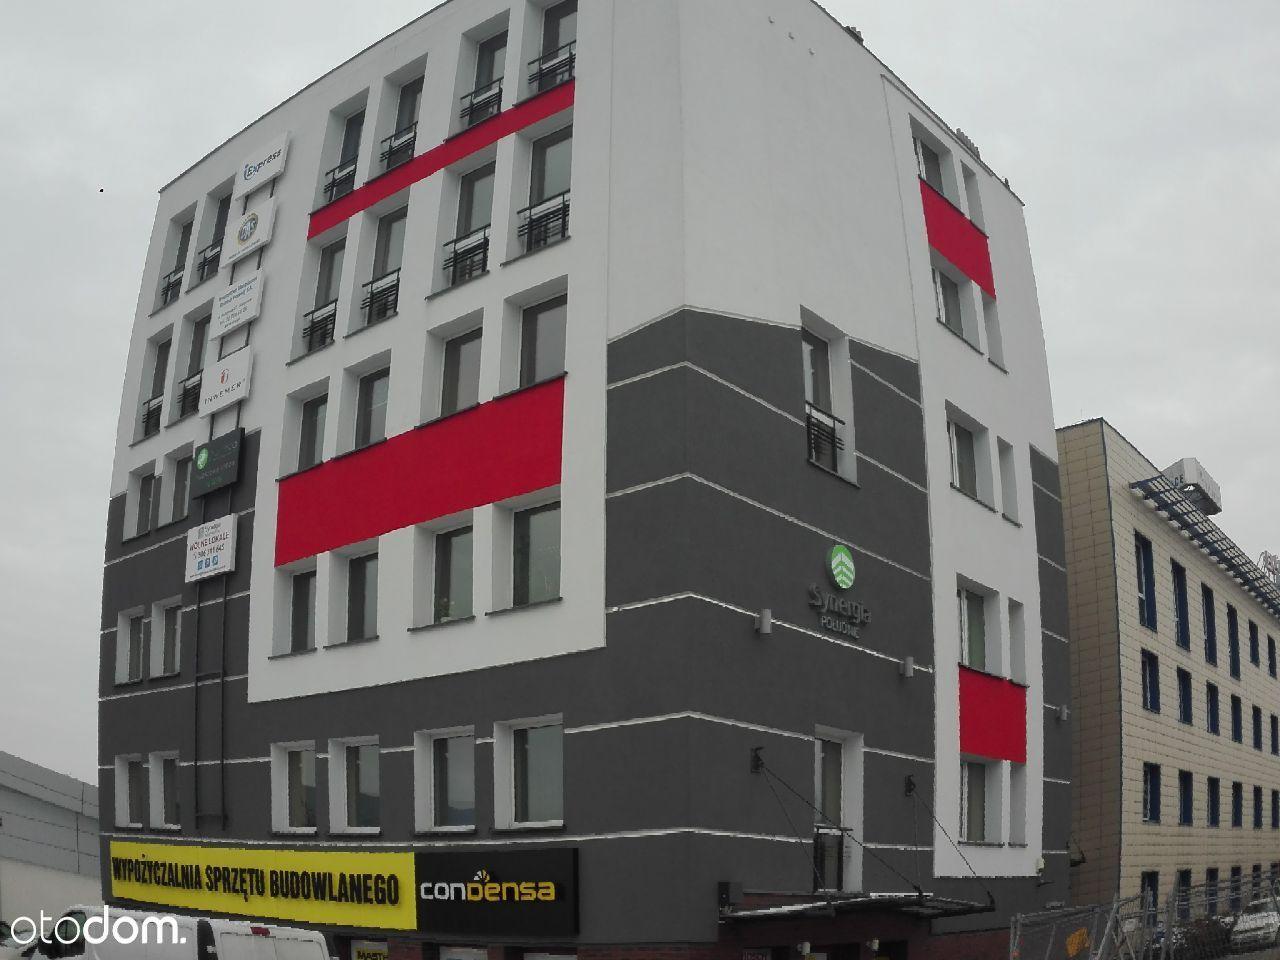 Tanie Biura do wynajęcia 30 zł/m2, Katowice